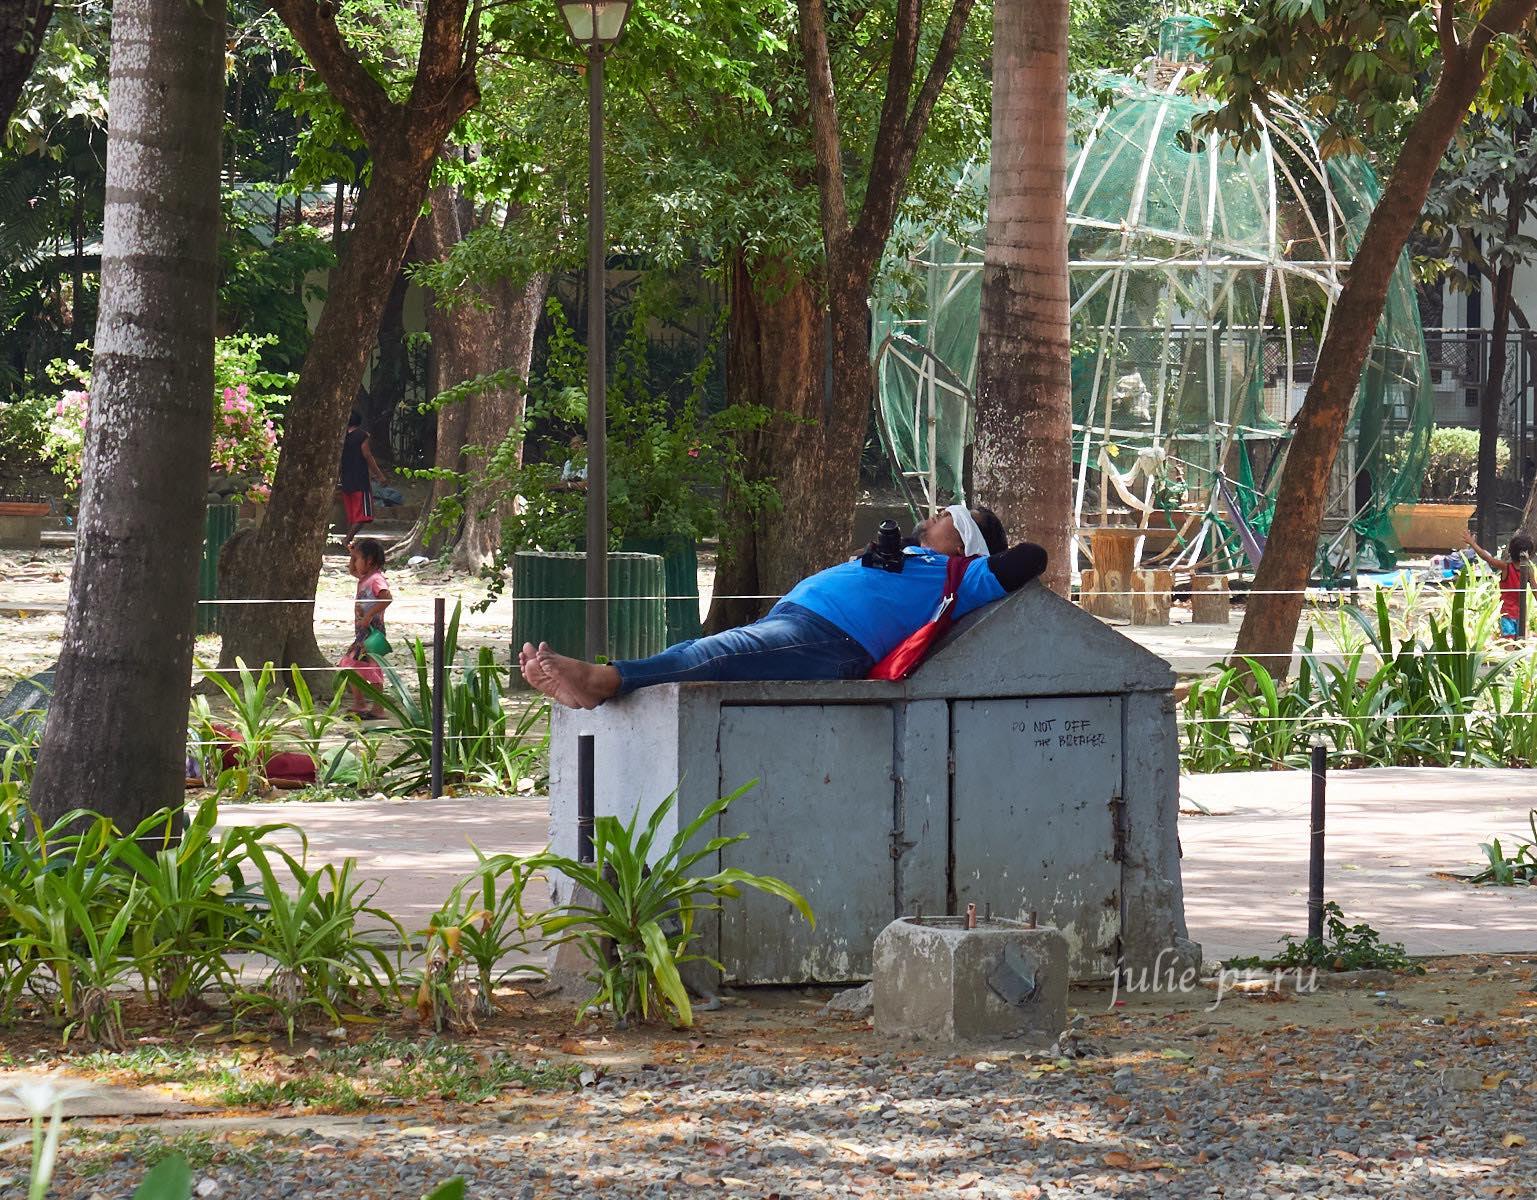 Филиппины, Манила, Rizal Park, отдых